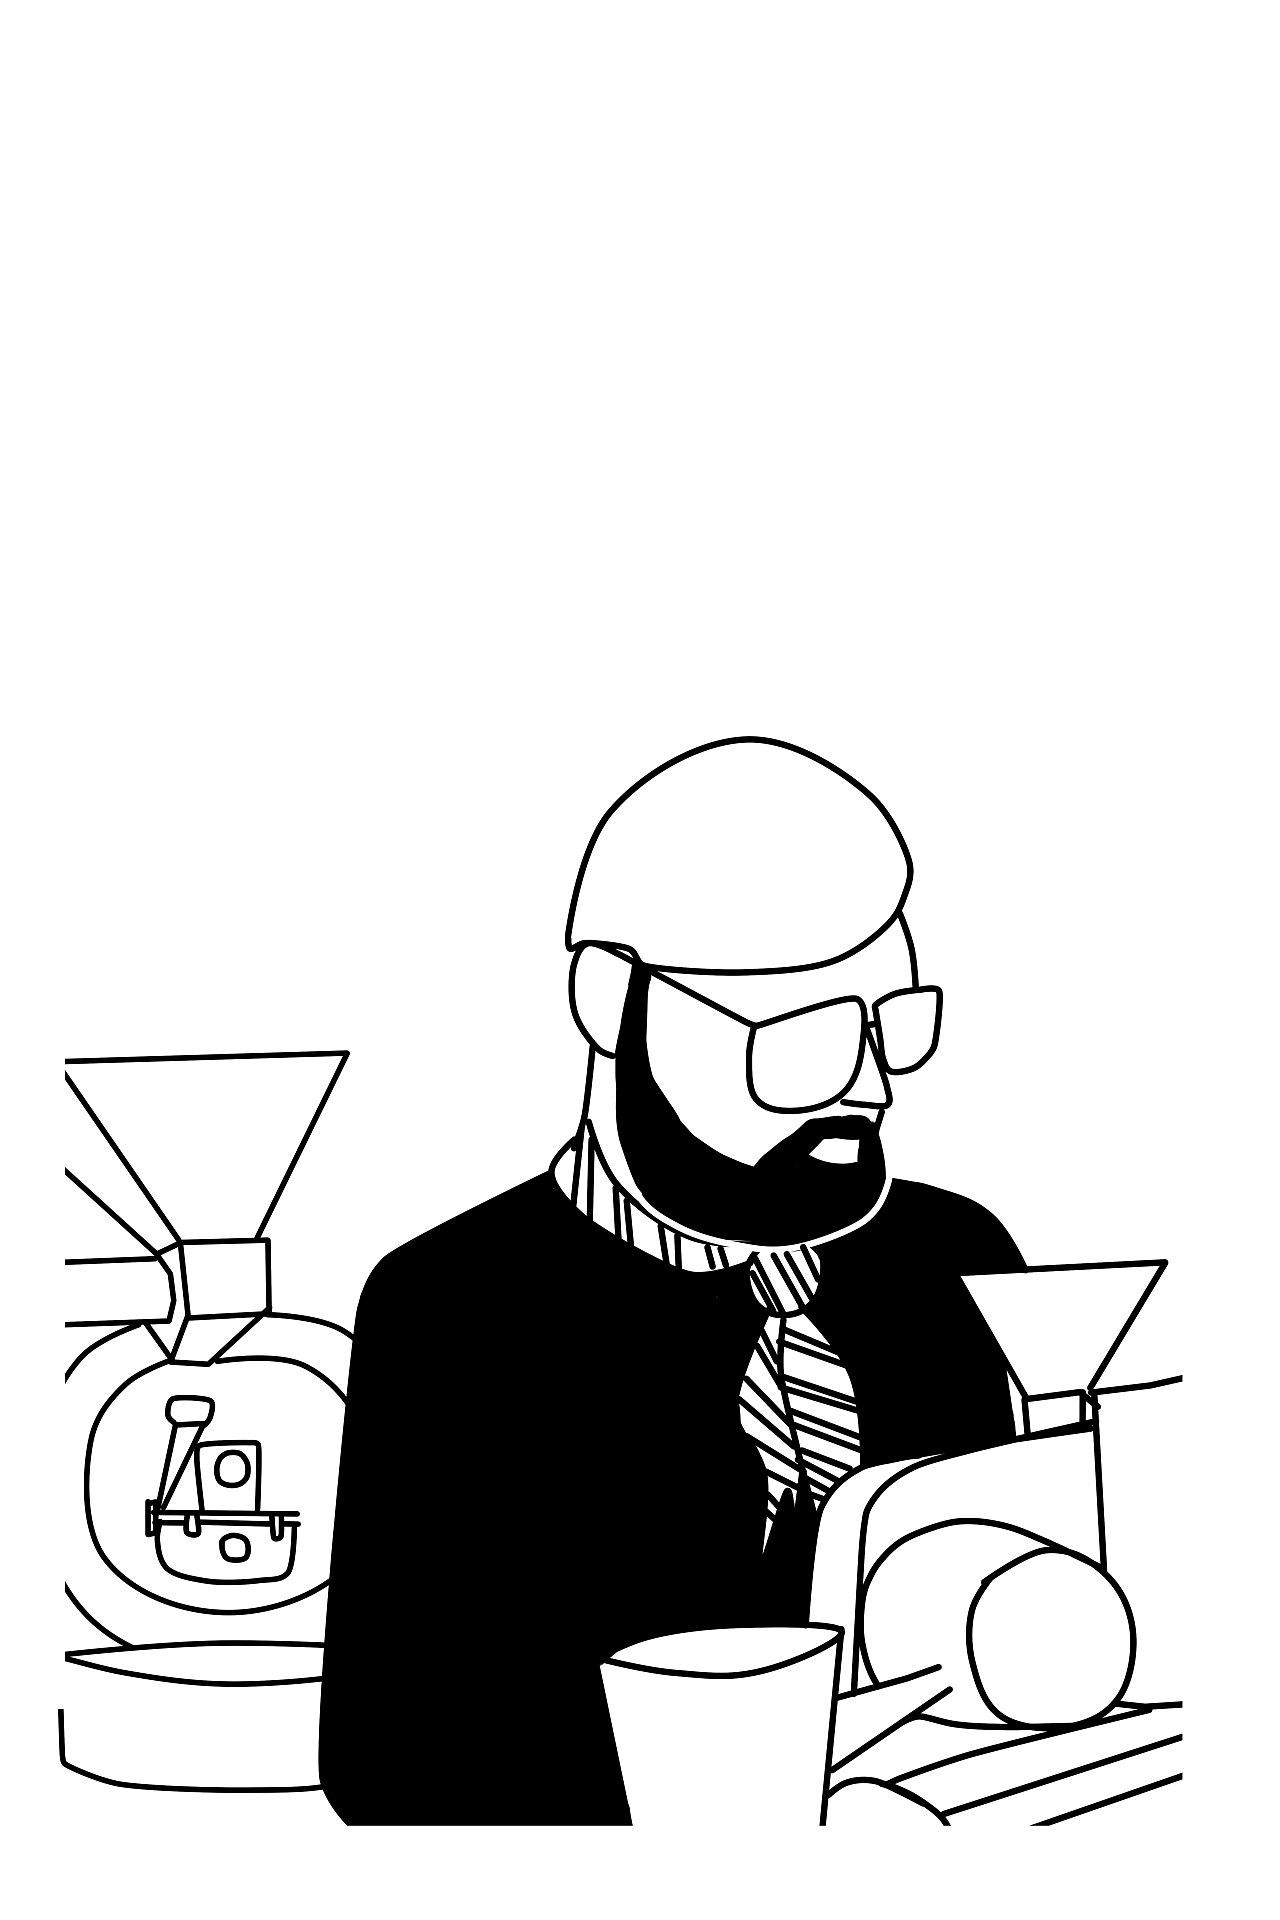 动漫 简笔画 卡通 漫画 手绘 头像 线稿 1280_1920 竖版 竖屏